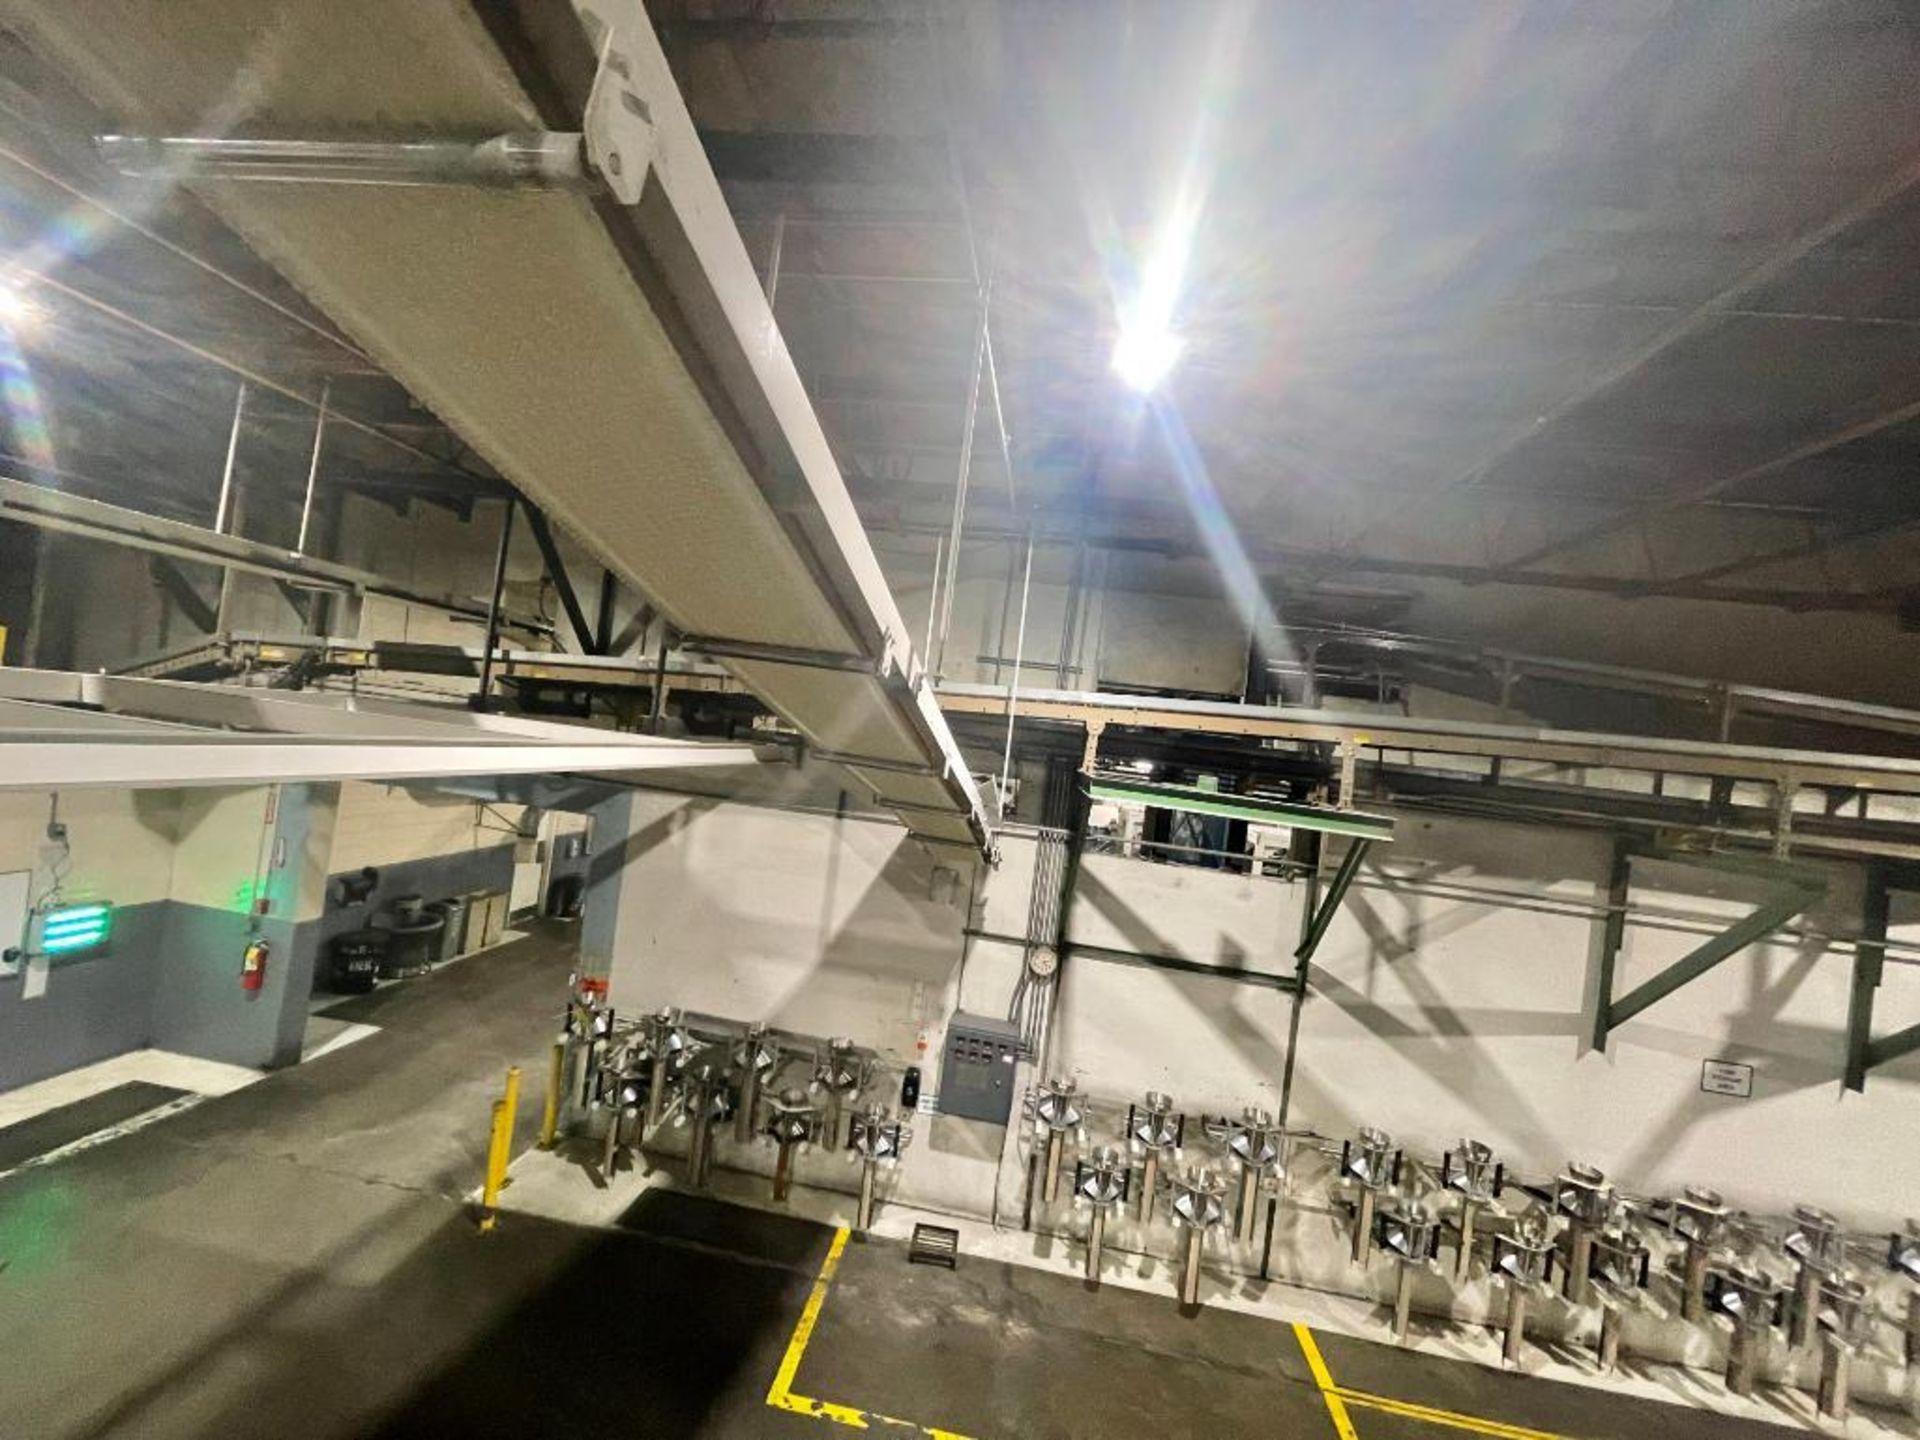 mild steel overhead belt conveyor - Image 7 of 8